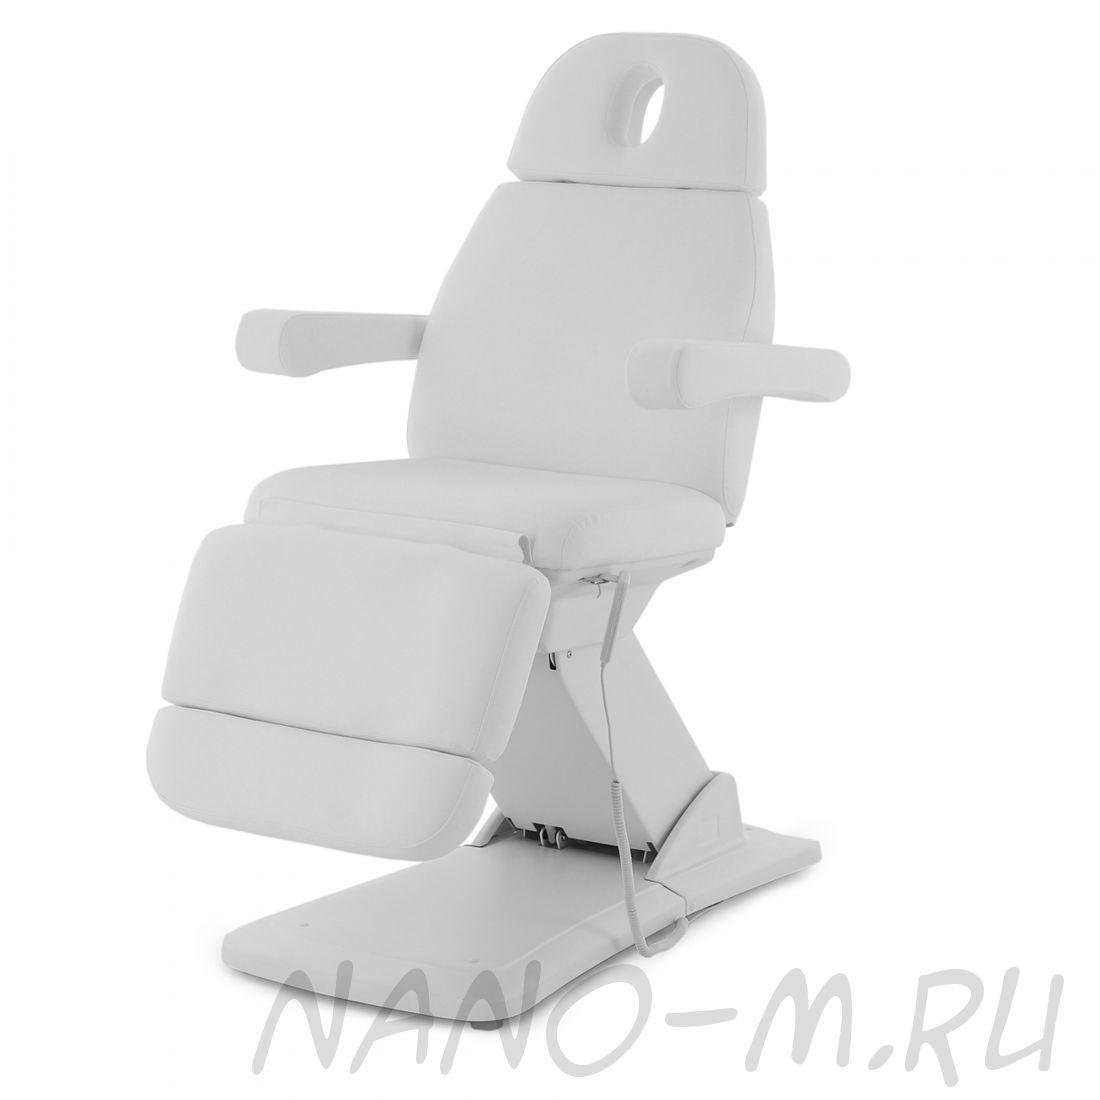 Кресло косметологическое 4 мотора Med-Mos ММКК-3 КО-175Д-00 с РУ